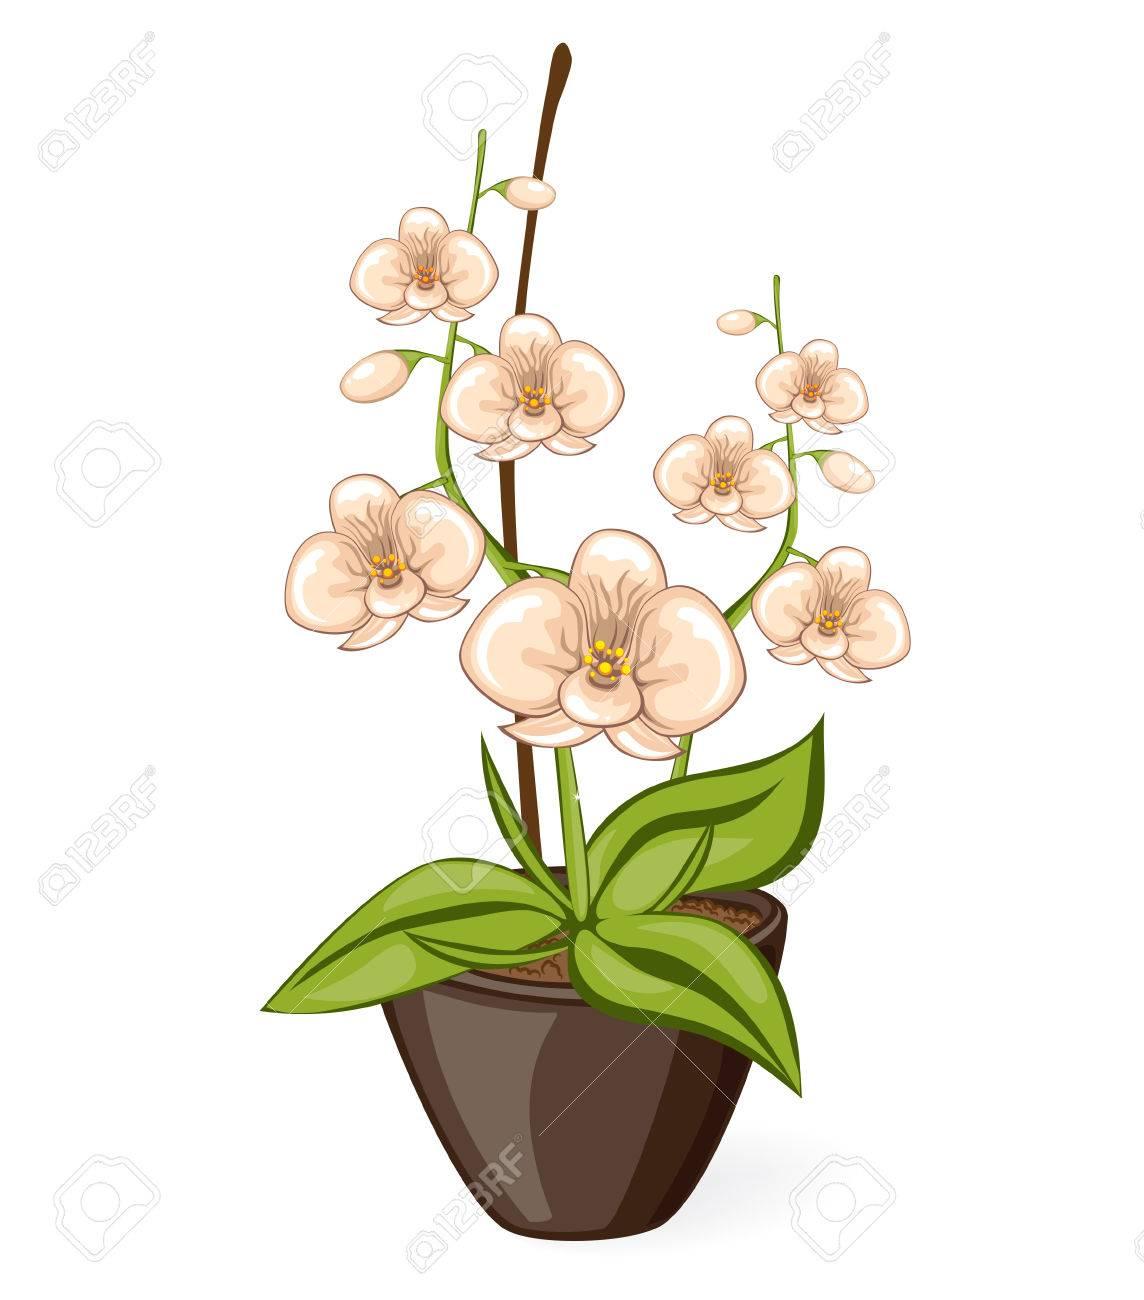 Dessin Fleur D Orchidée dessin animé blanc phalaenpsis fleur d'orchidée dans le pot. vector